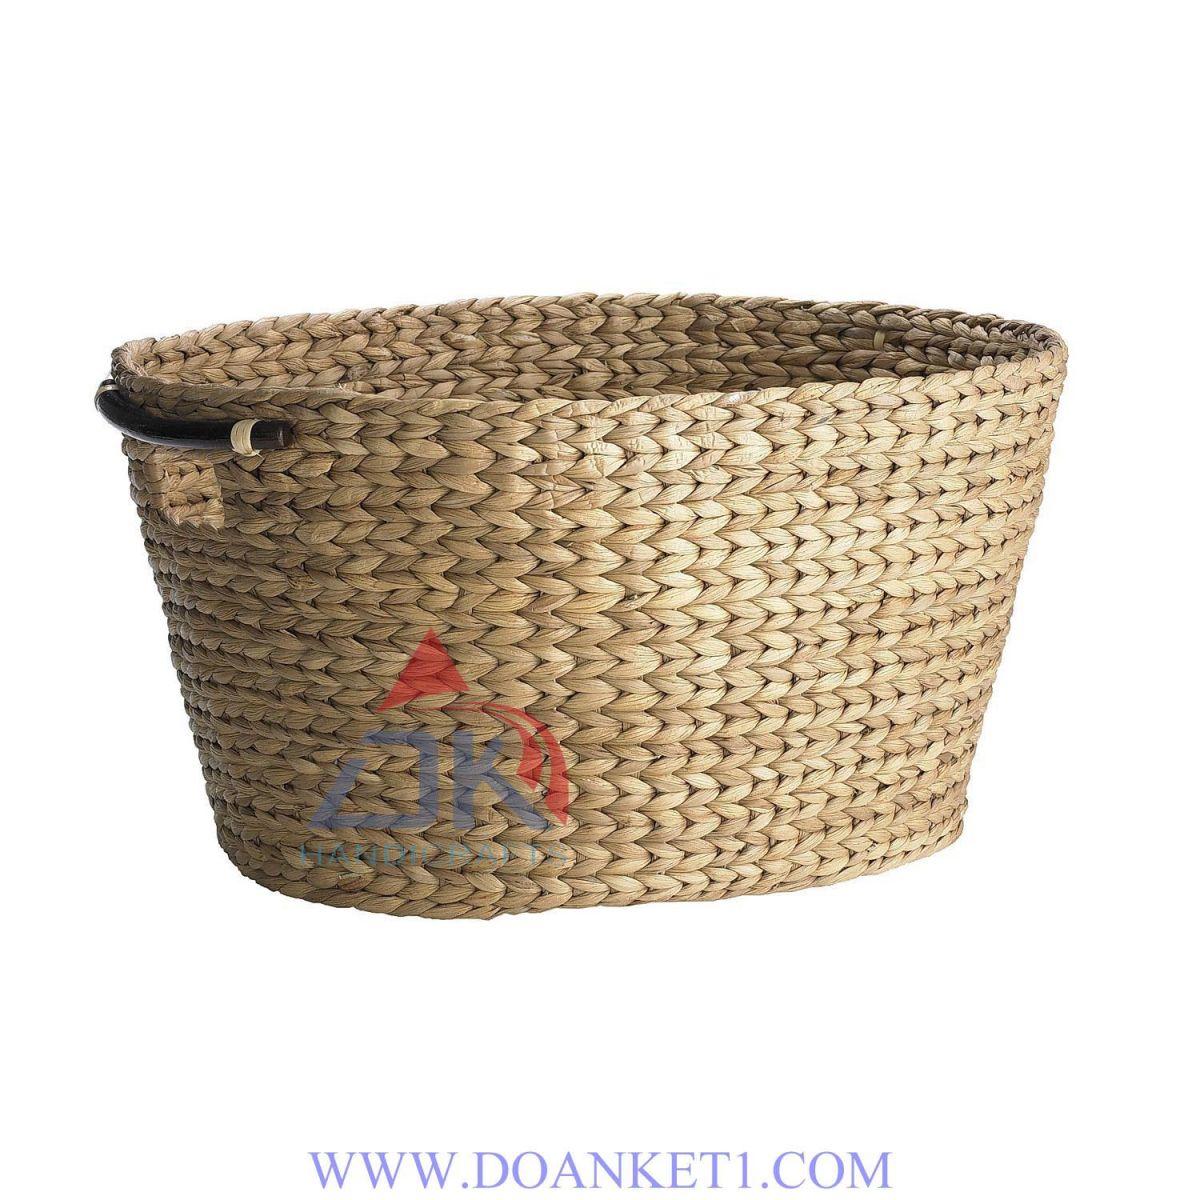 Water Hyacinth Storage Basket # DK422